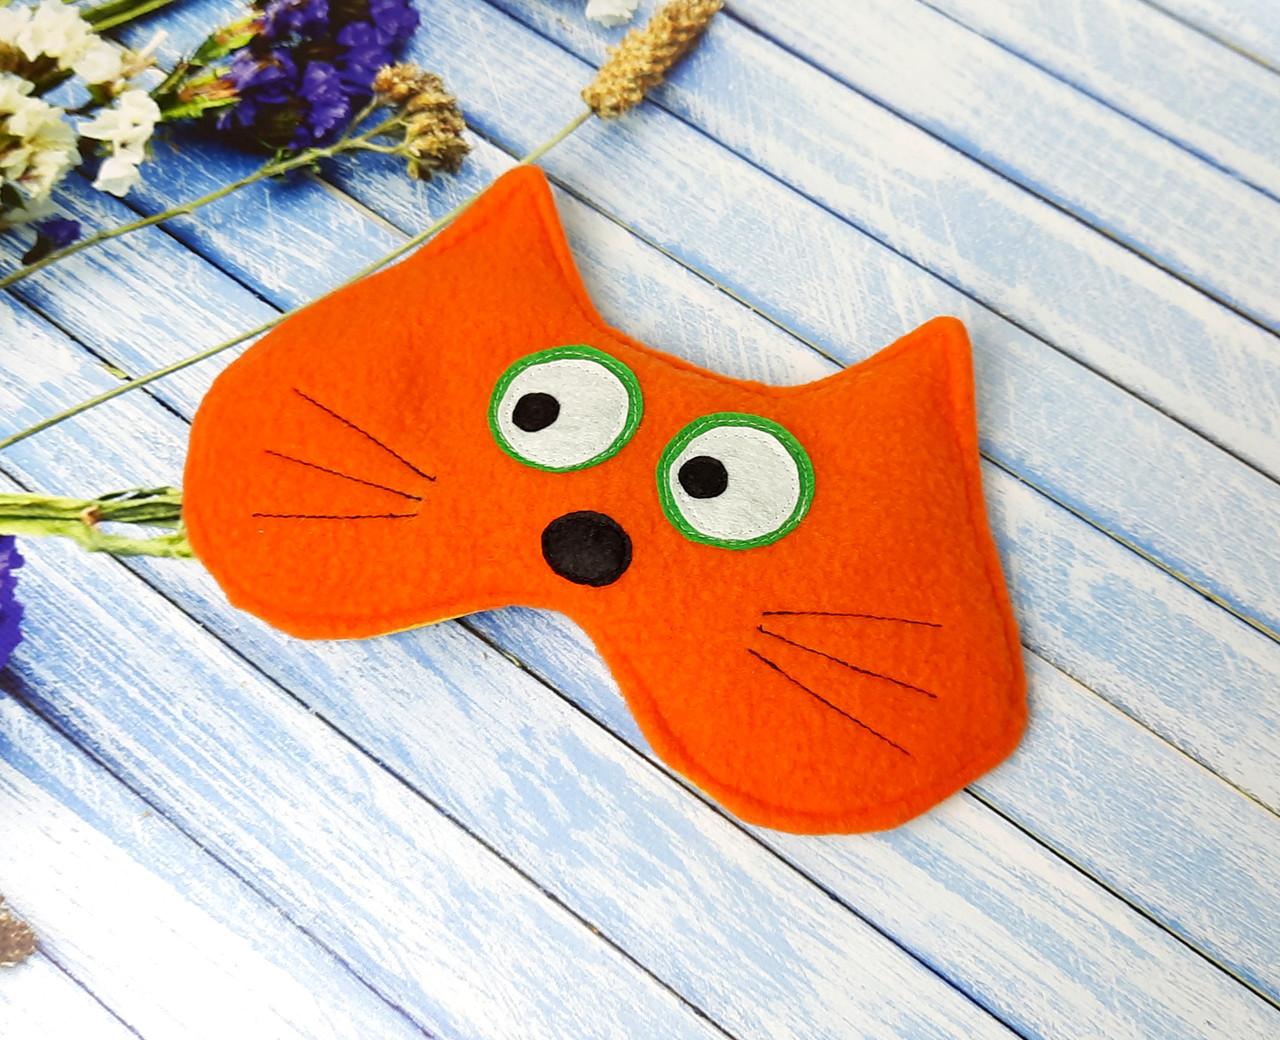 """Маска для сна """"Рыжий кот"""" - Мягкая флисовая маска для сна на резинке - Прикольная маска для сна"""